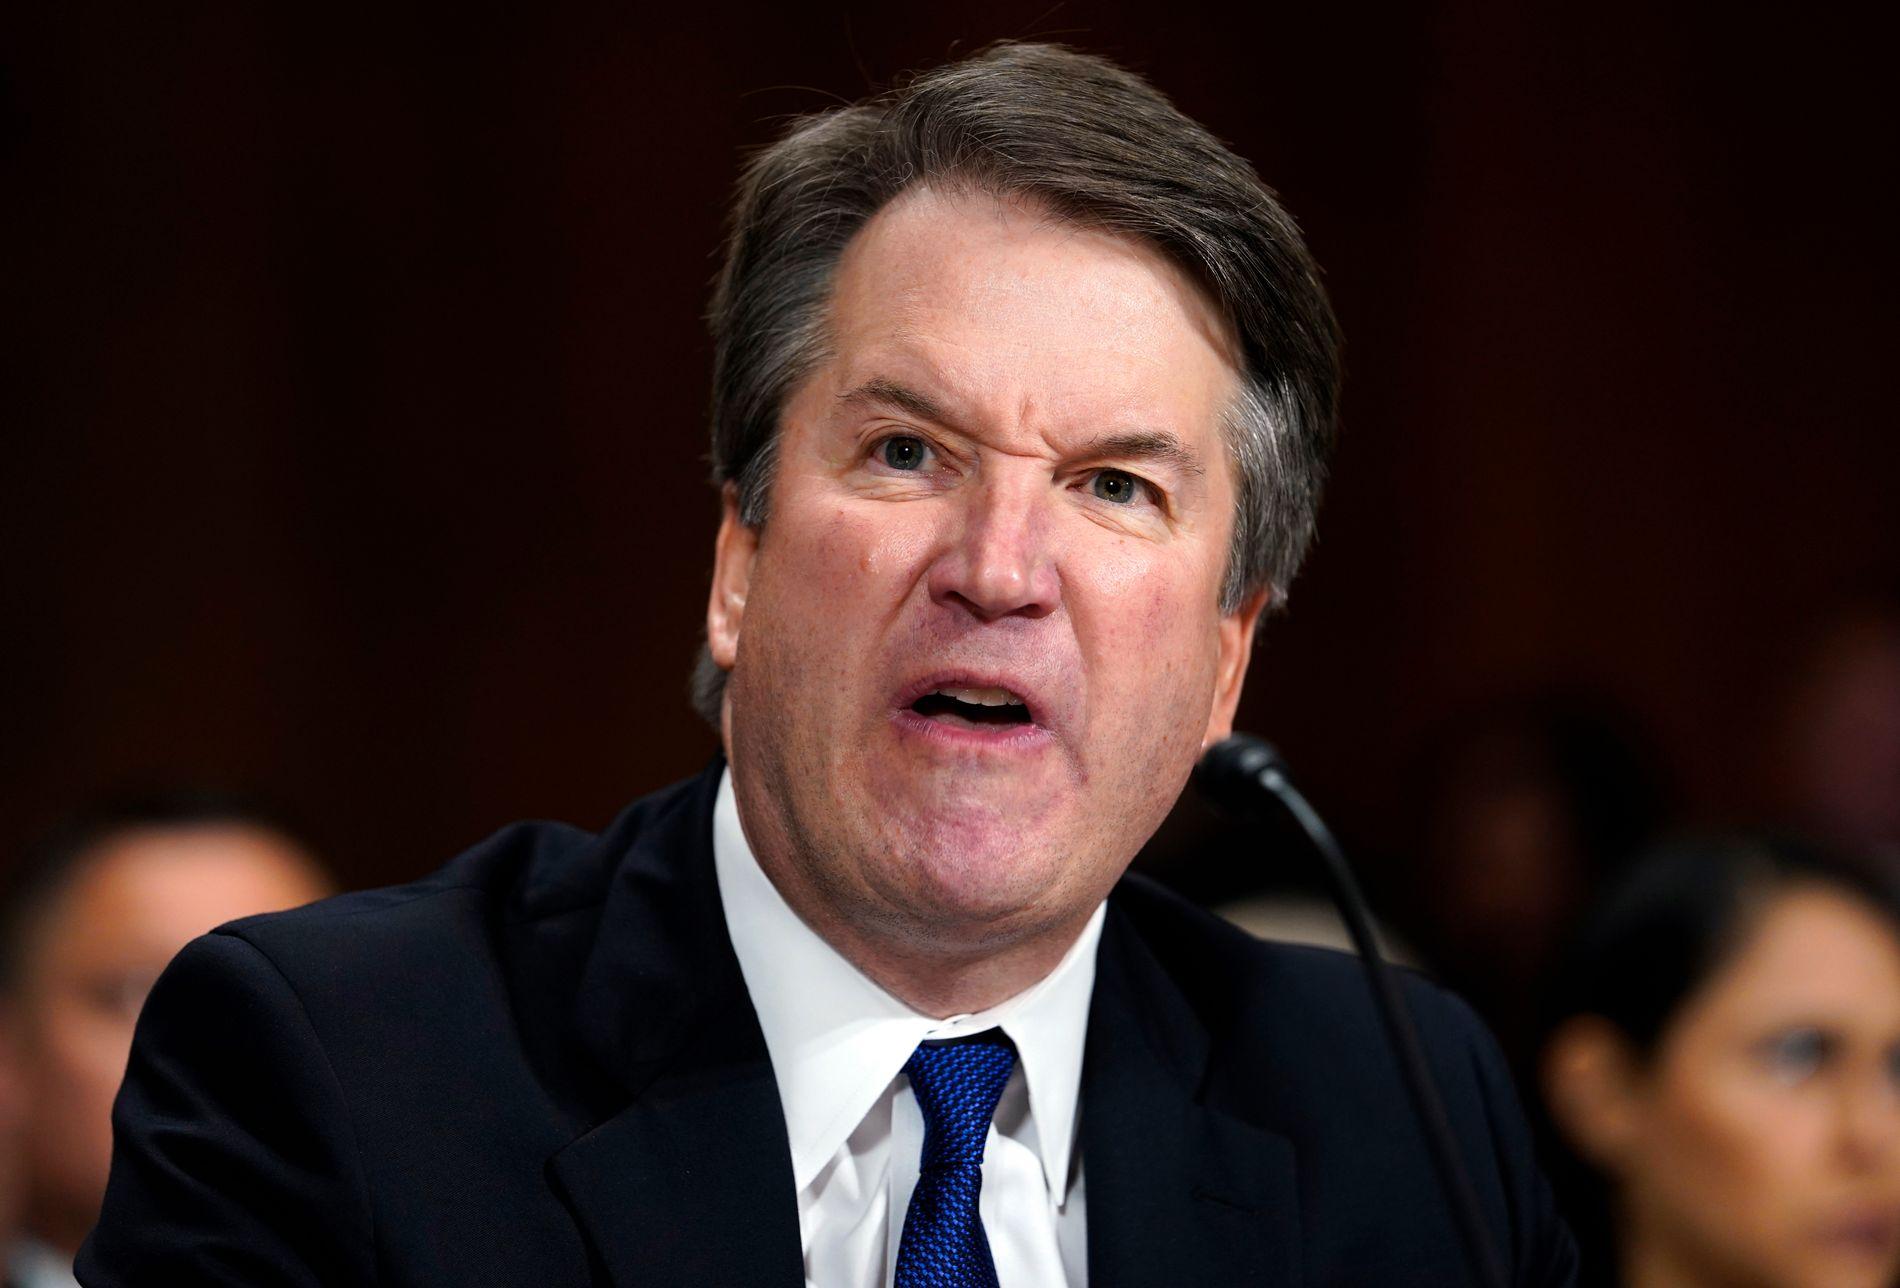 VAR SINT: Brett Kavanaugh var tydelig sint og frustrert over anklagene mot ham da han forklarte seg i Senatet i forrige uke.